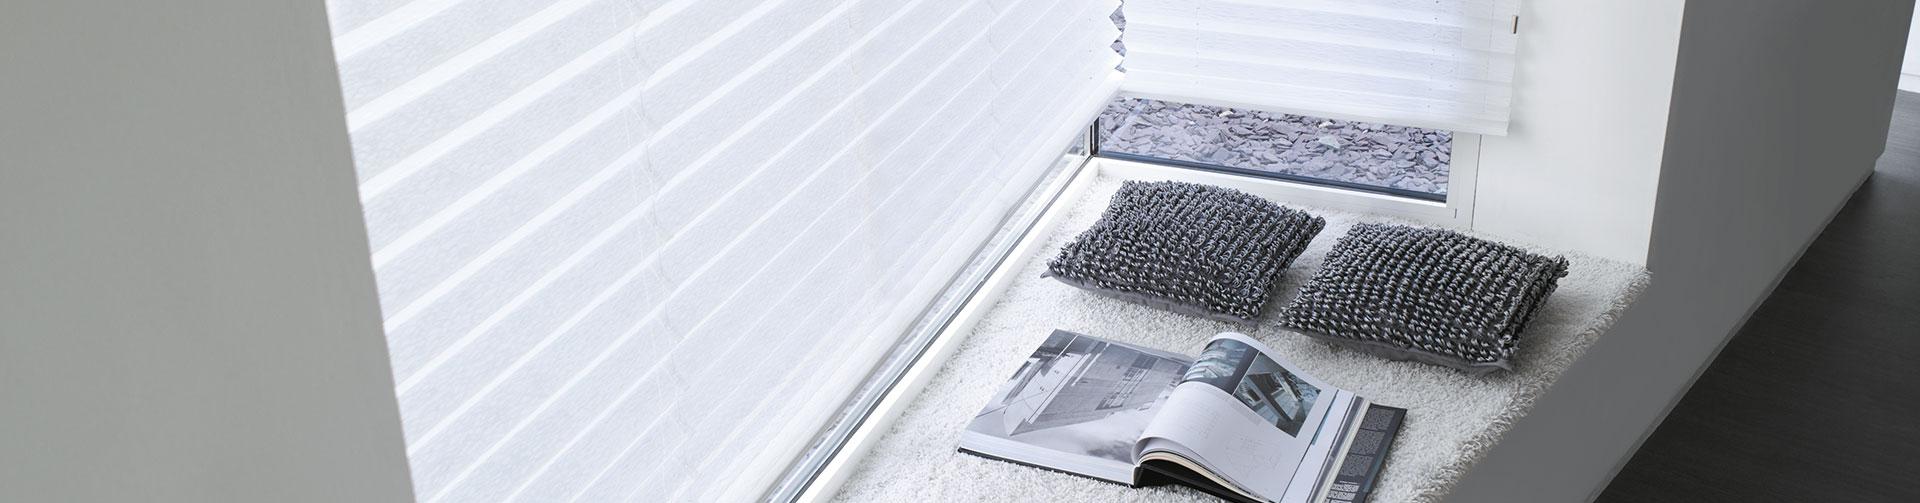 wie bestelle ich plissee g nstig im internet. Black Bedroom Furniture Sets. Home Design Ideas